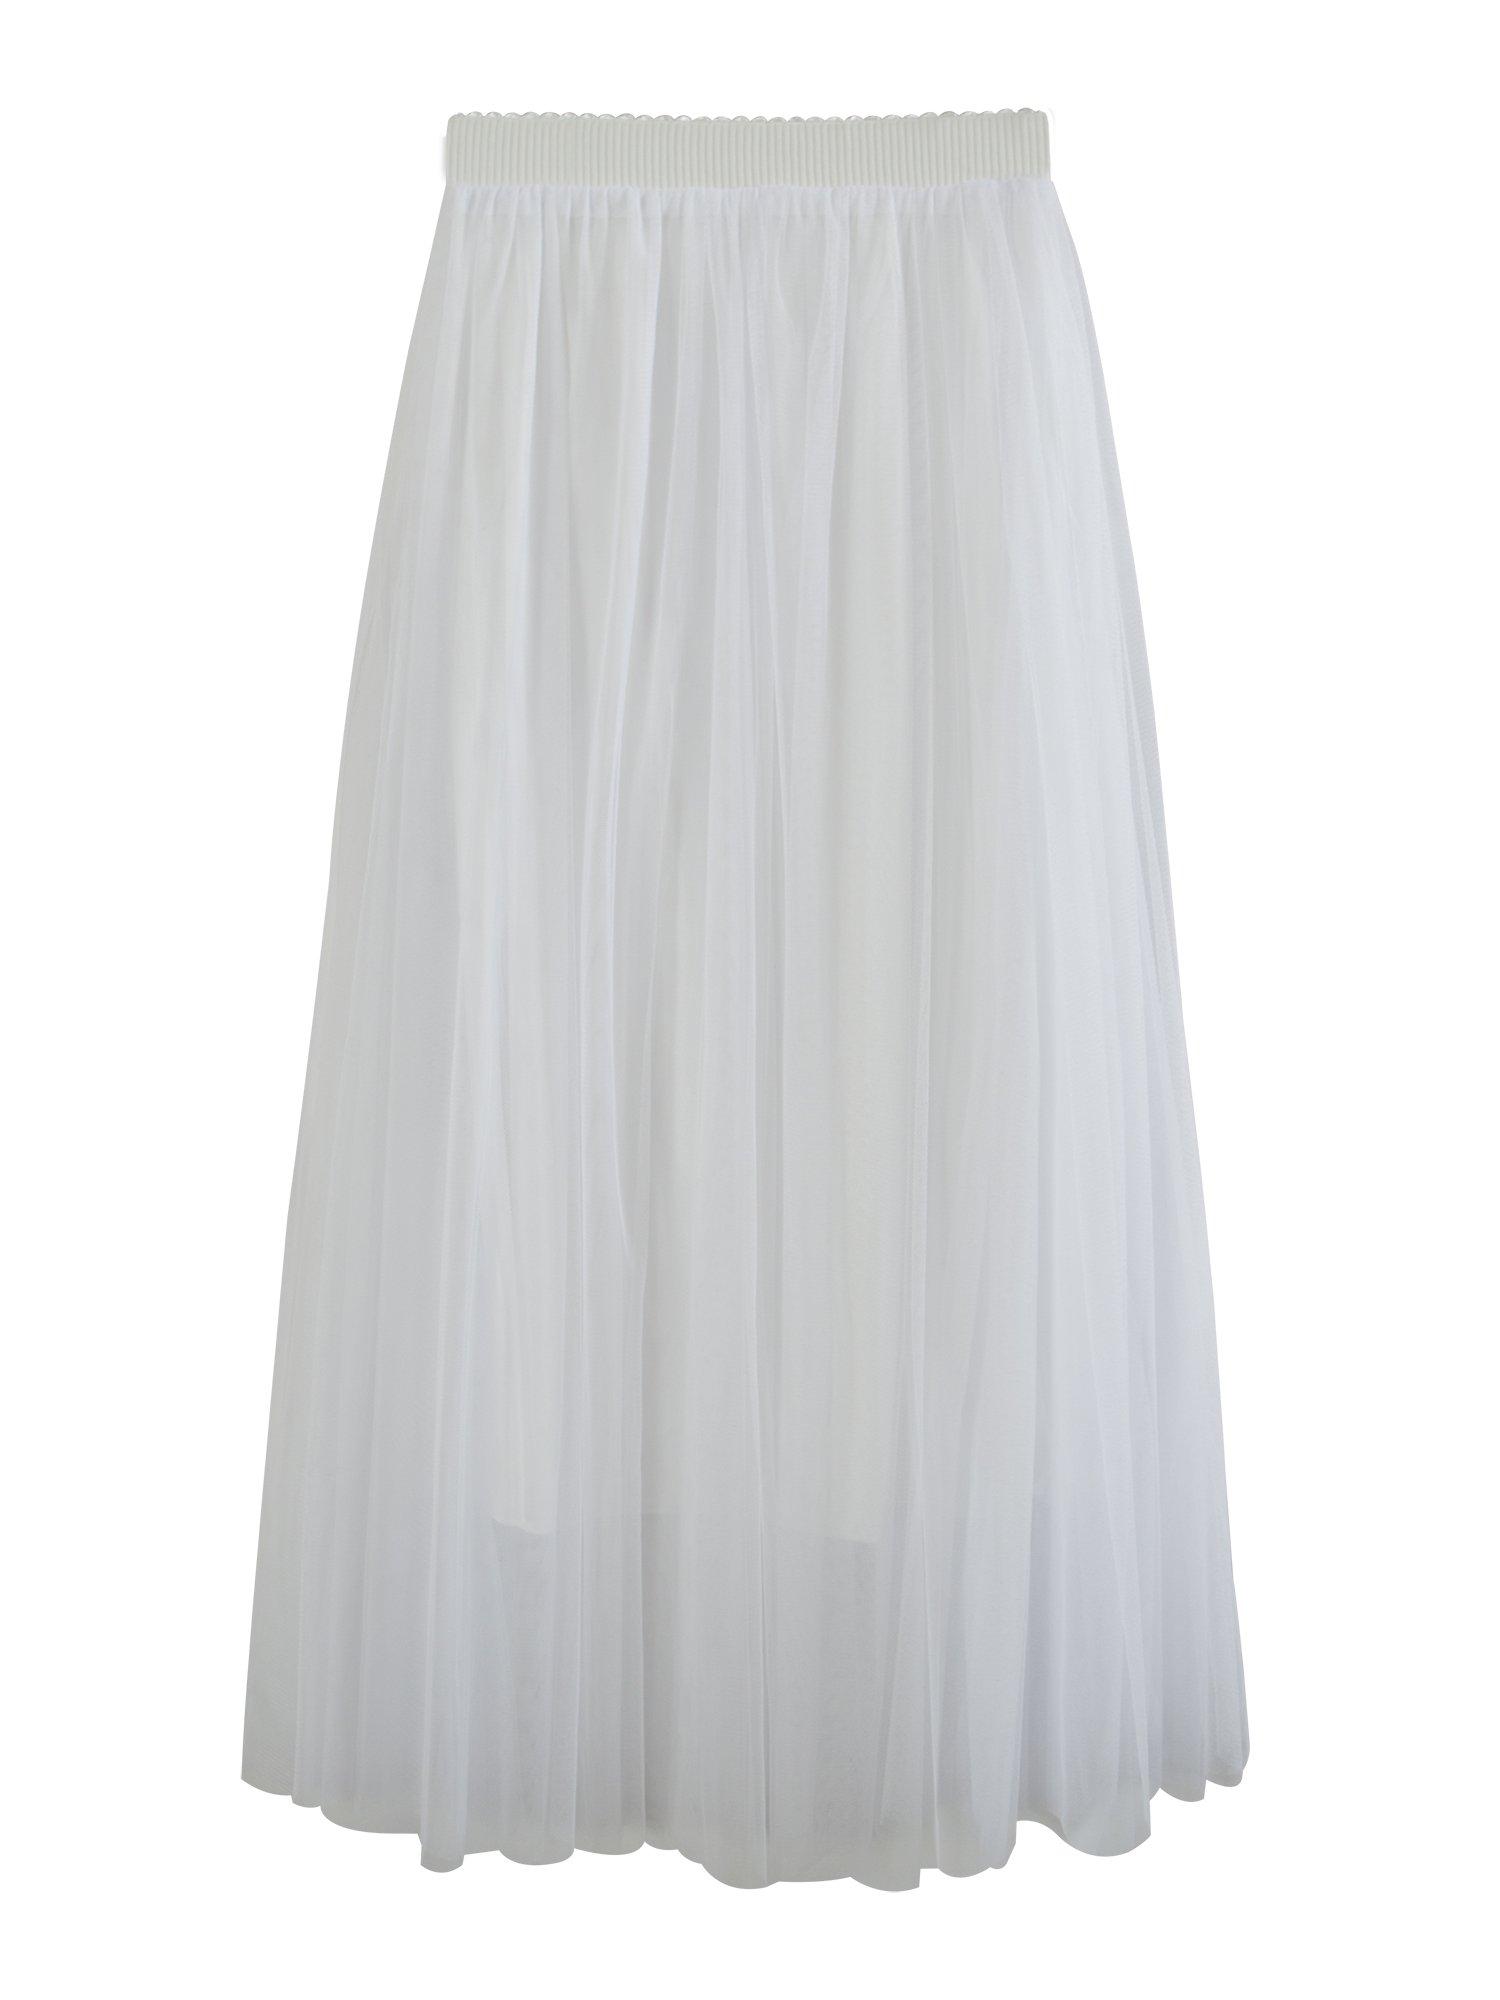 Women's Maxi Skirt Elastic High Waist Net Yarn Full Ankle A Line Tulle Tutu Skirt - White 100cm